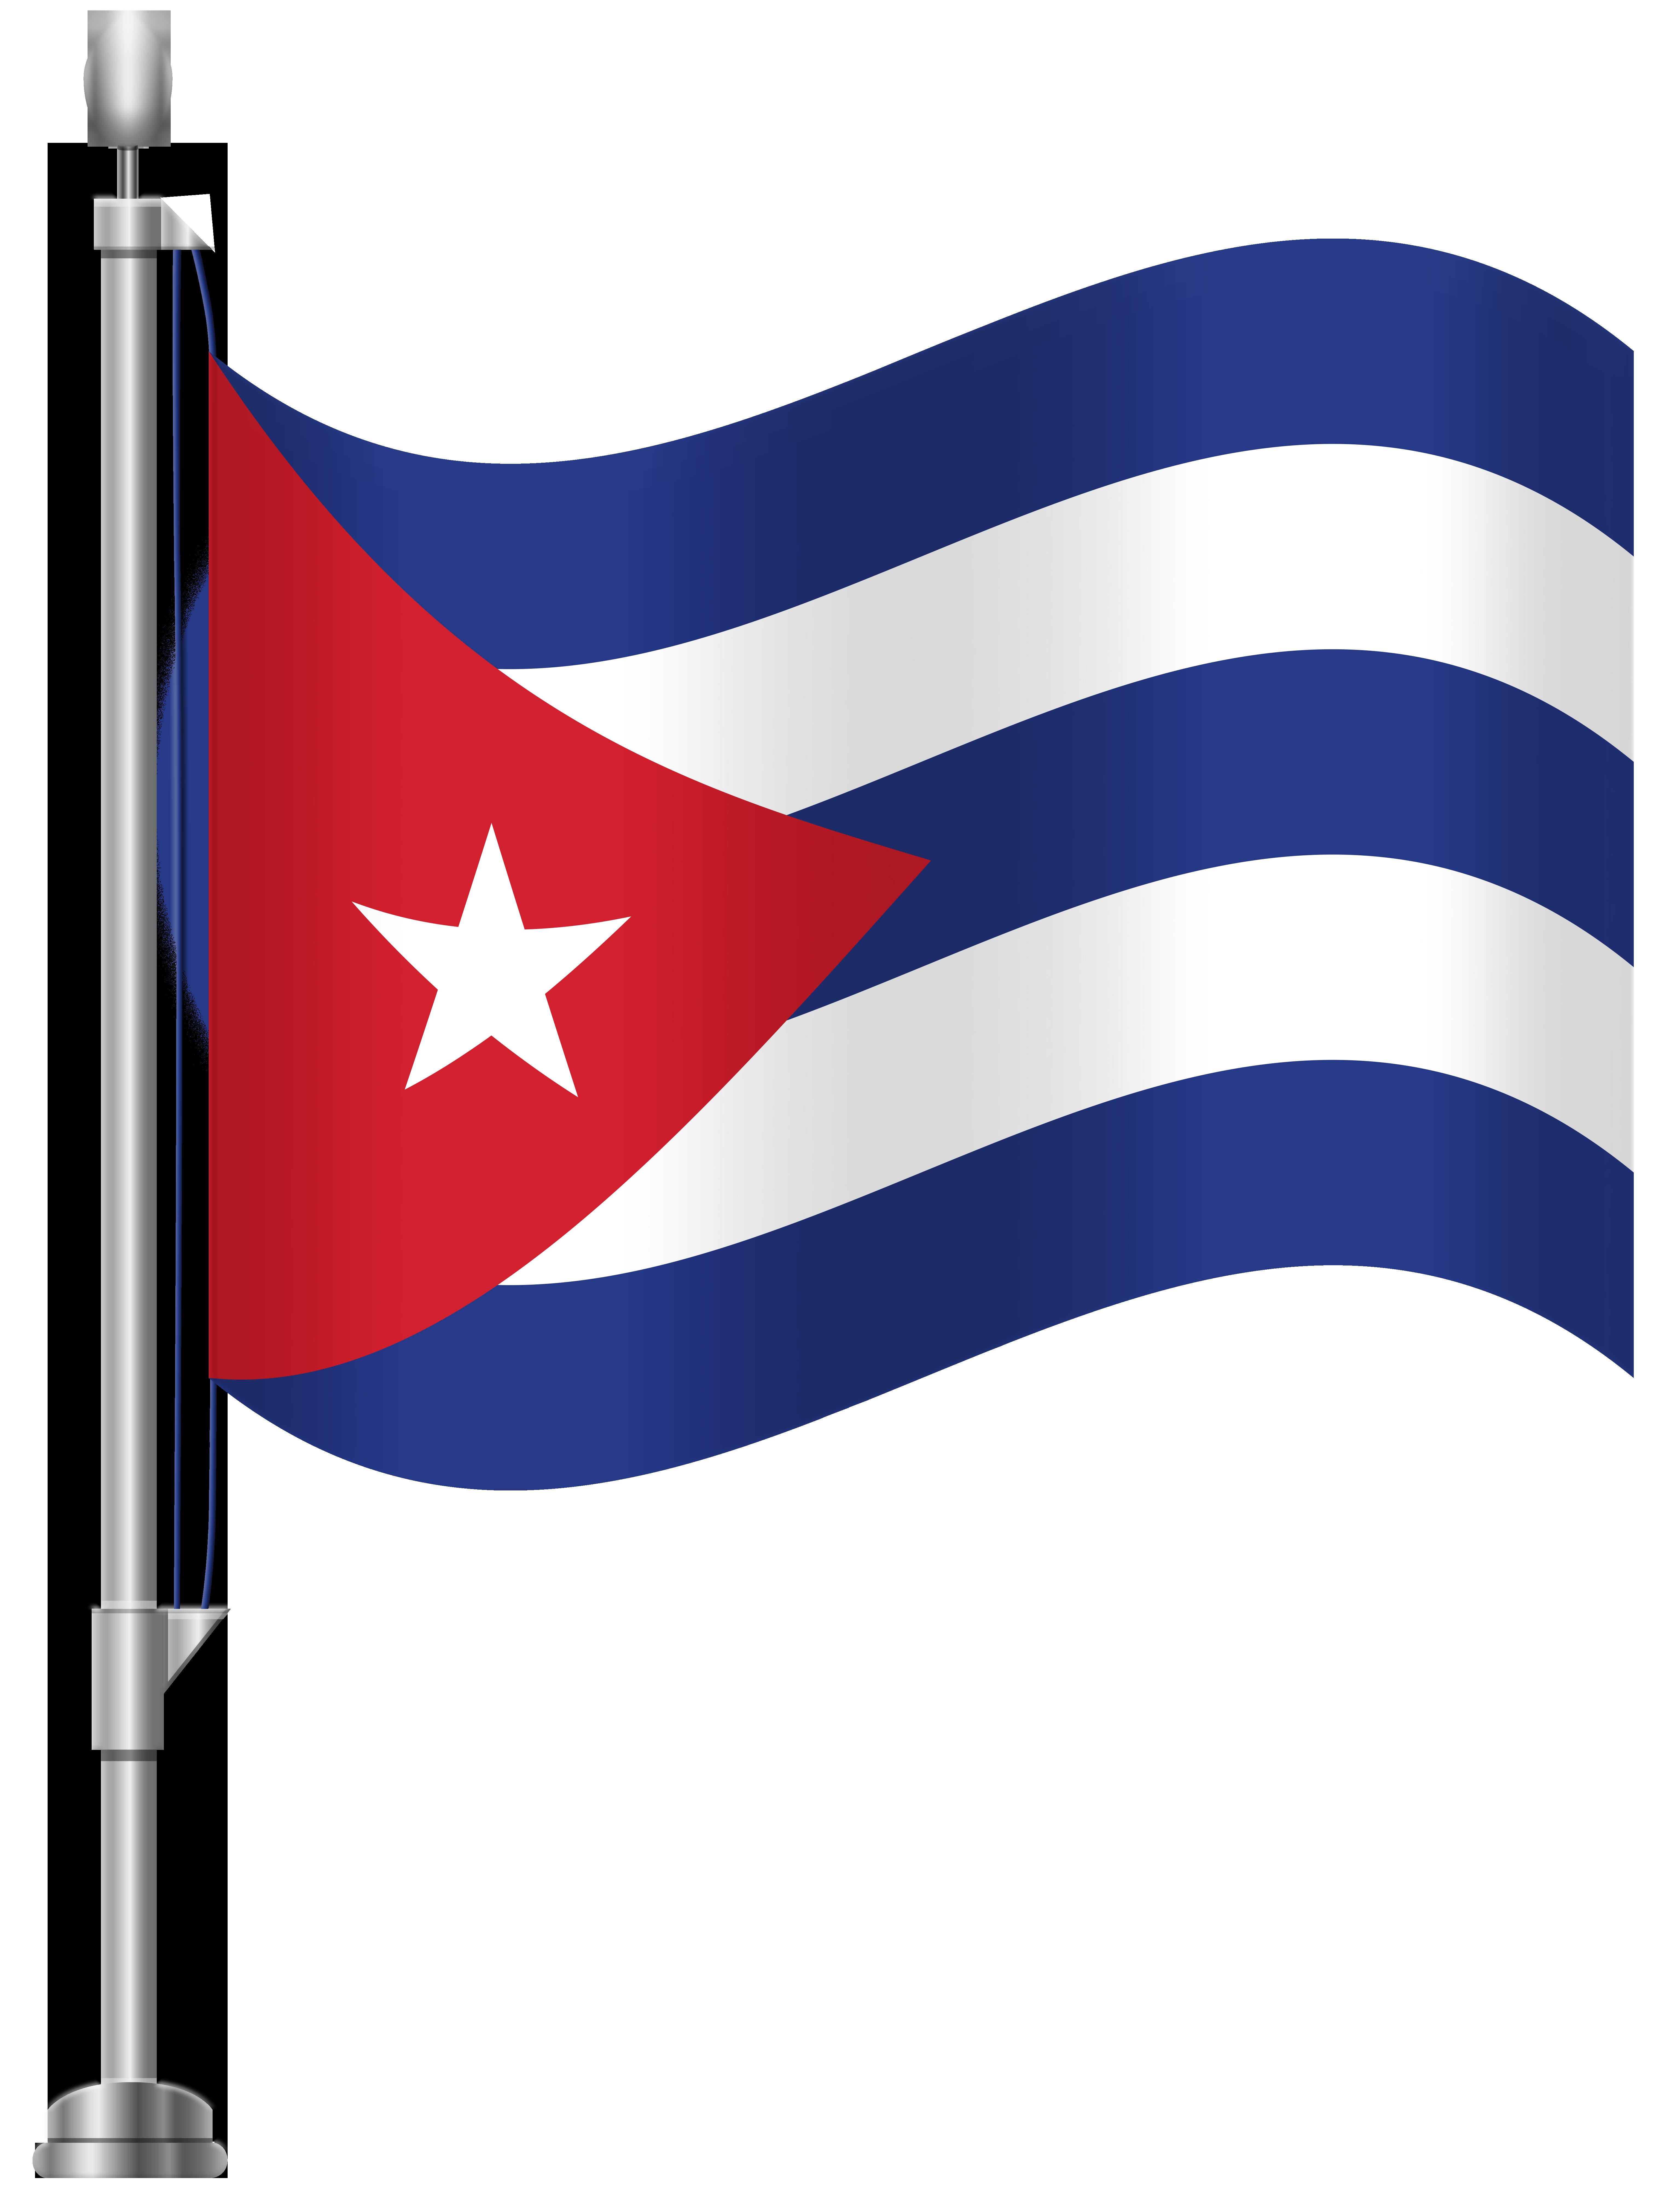 6141x8000 Cuba Flag Png Clip Art